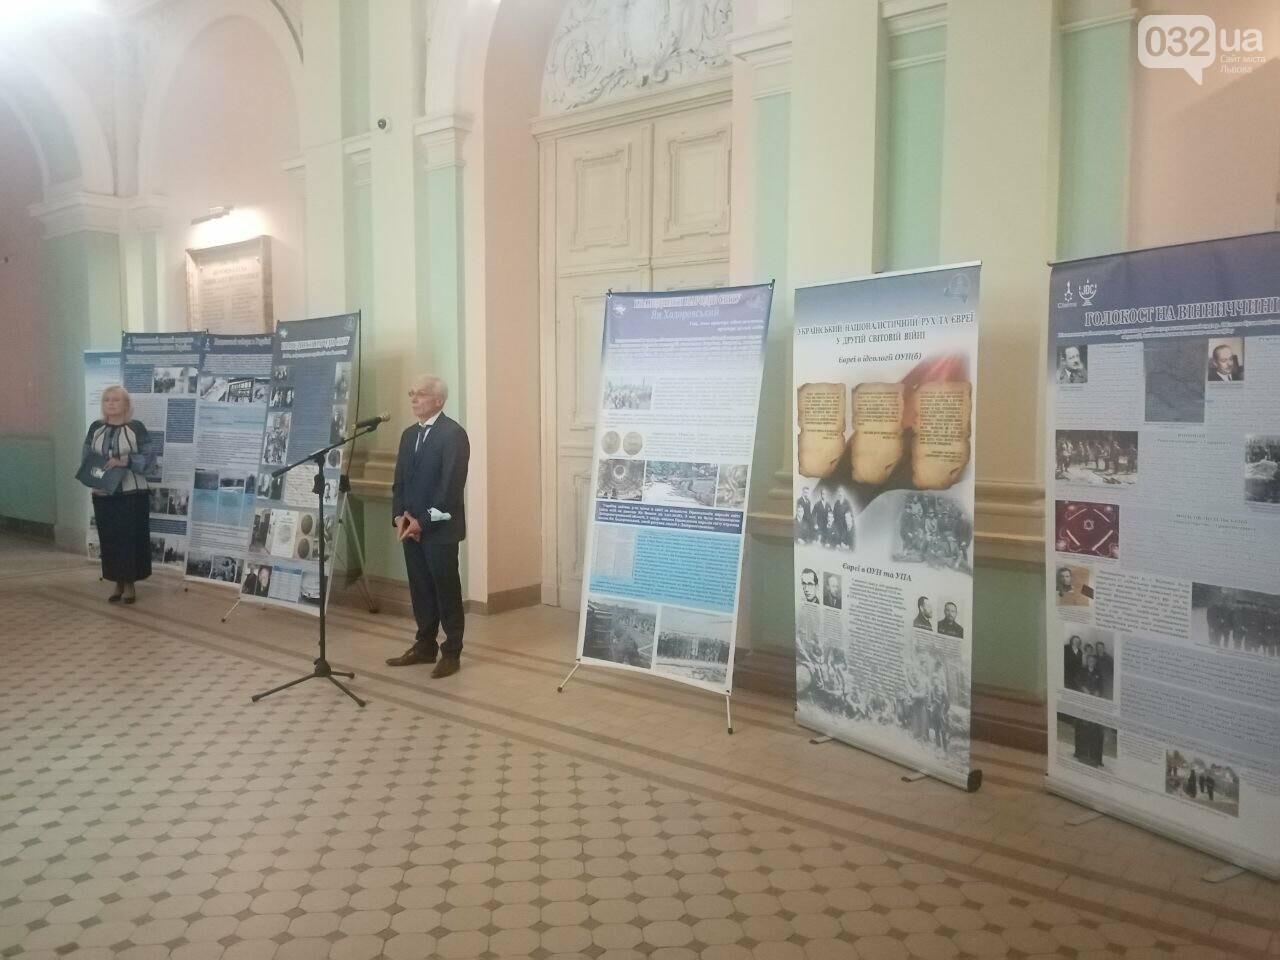 У Львові відкрили виставку, присвячену українцям-рятівникам євреїв під час Голокосту, - ФОТО, фото-5